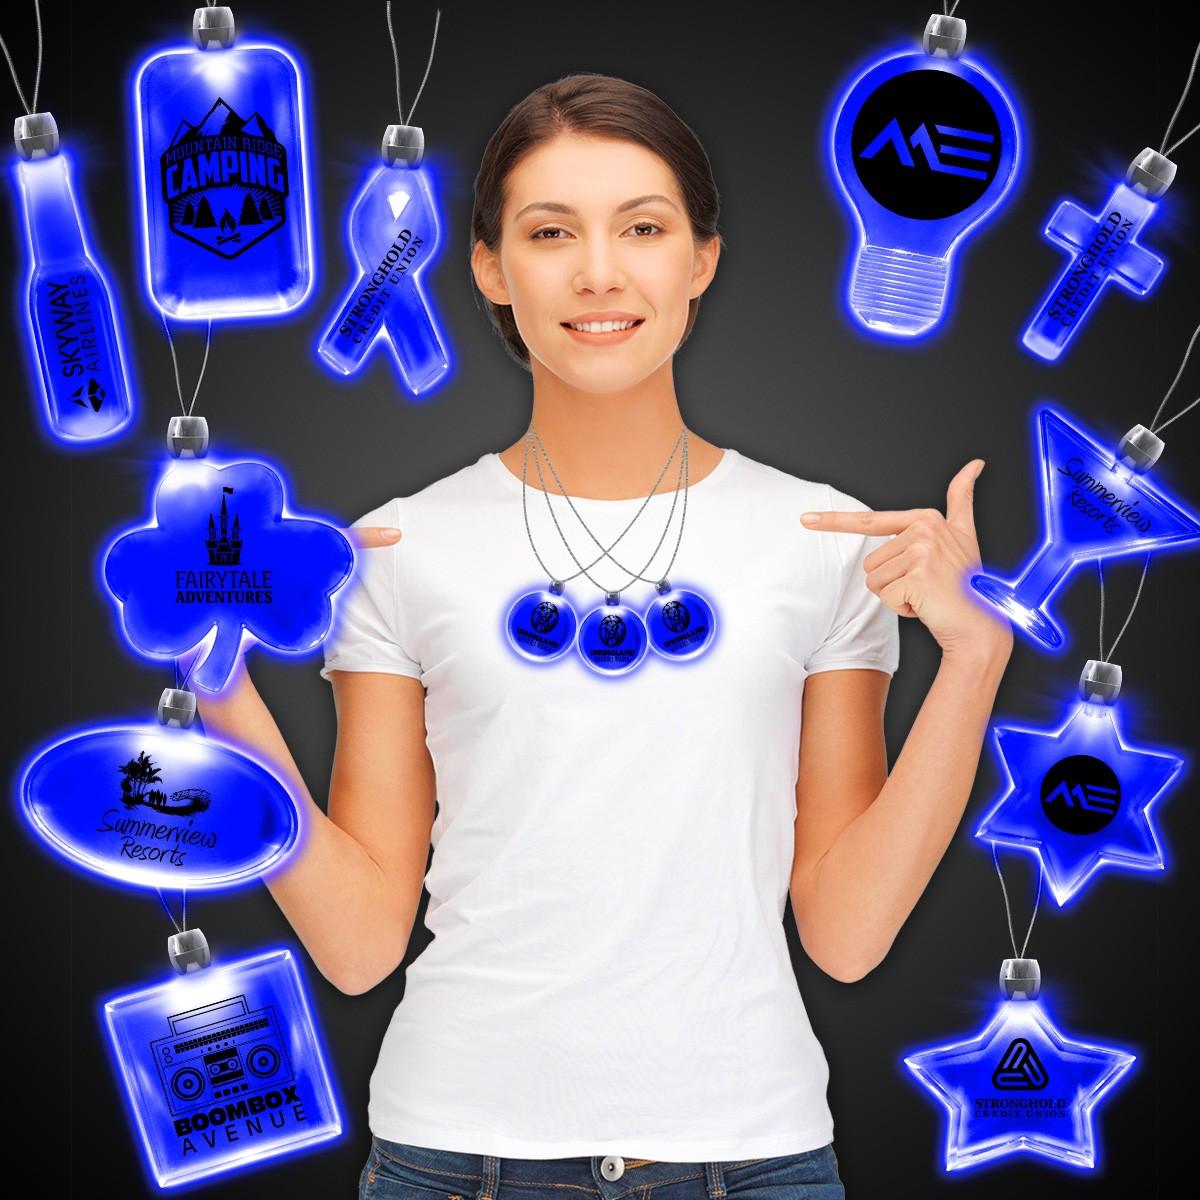 Blue Light Up Pendant Necklaces